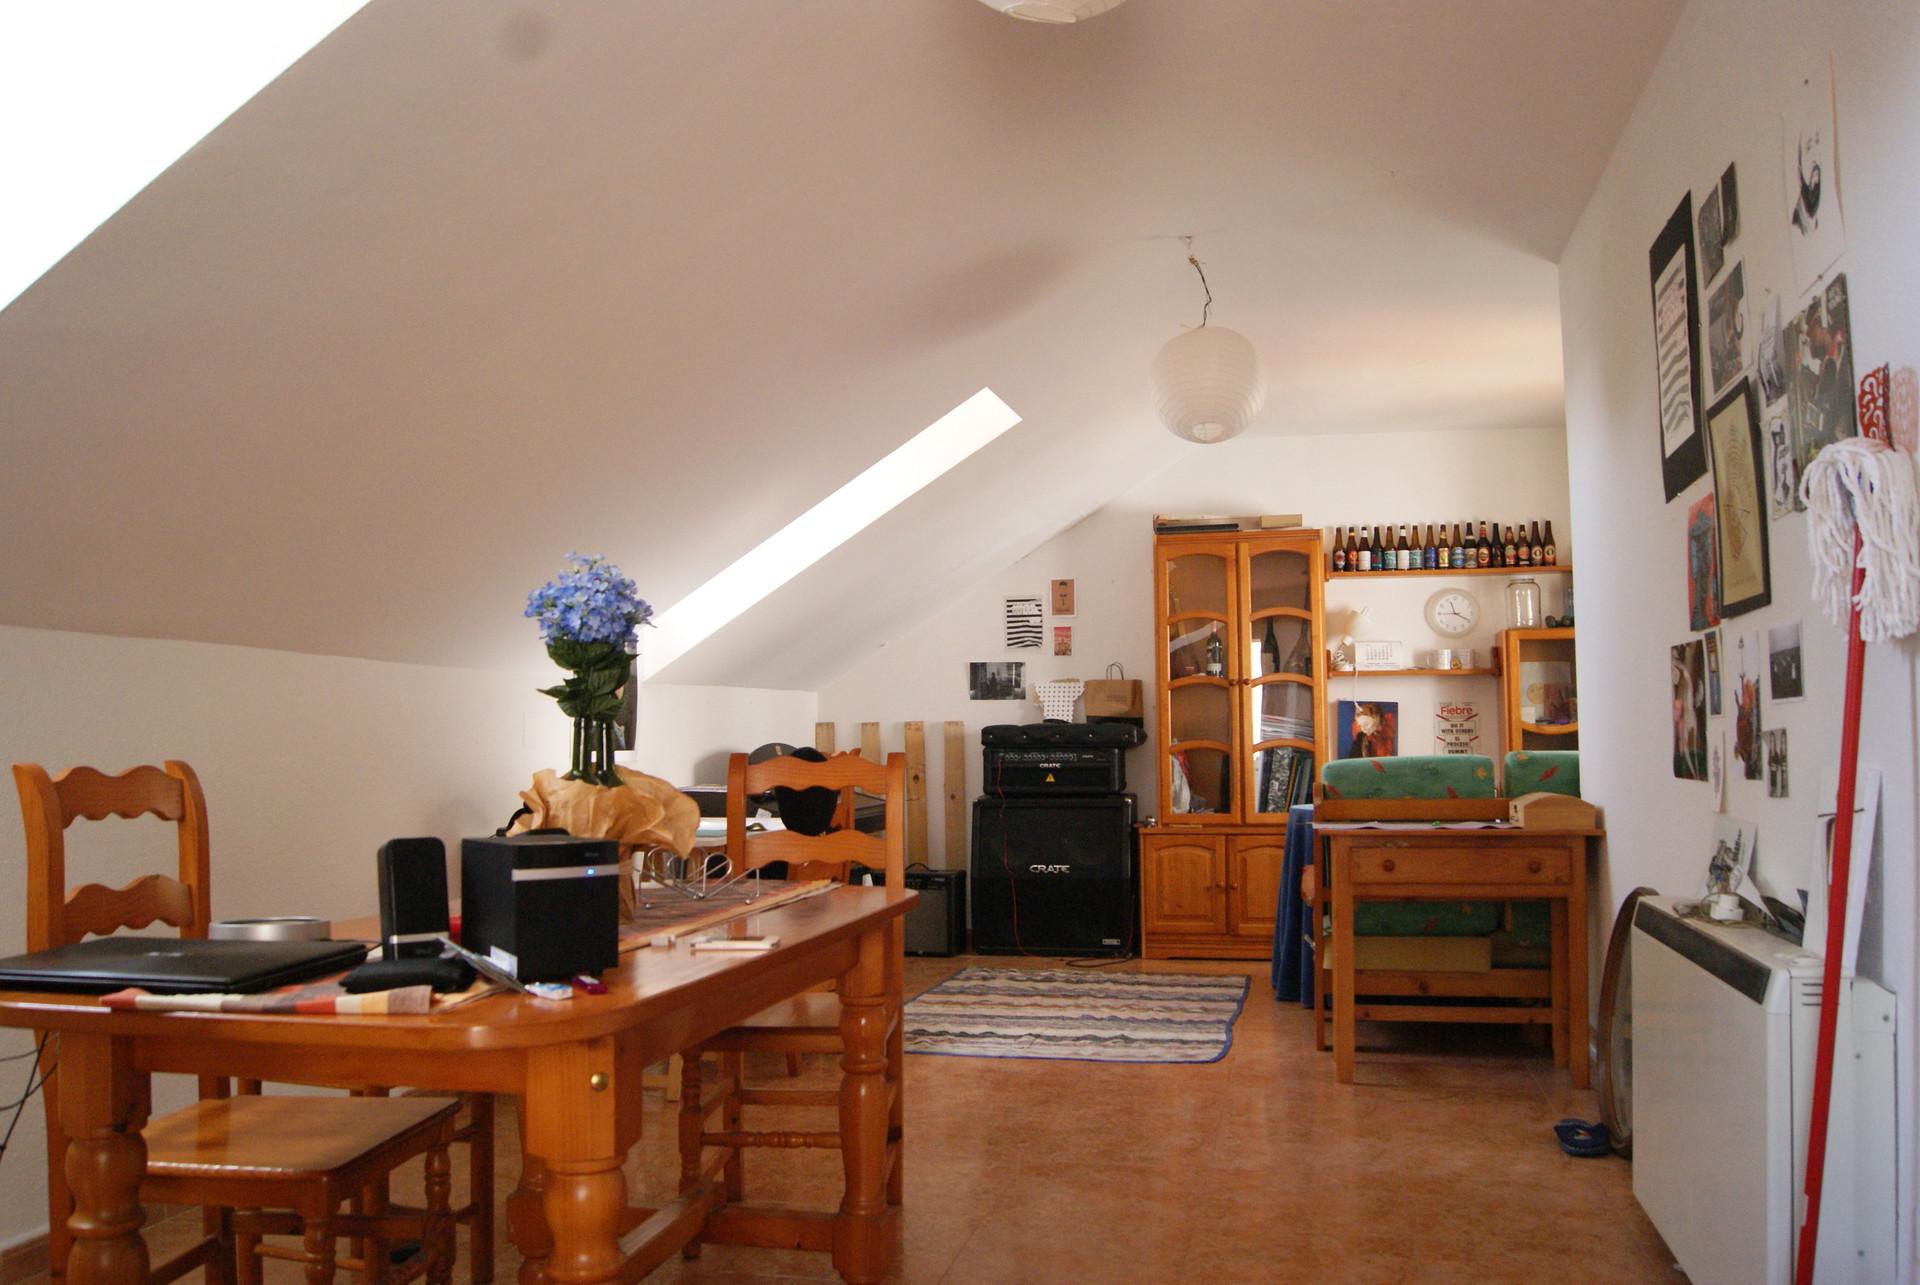 piso-muy-amplio-terraza-cerca-universidad-barato-7668356e2b3b6f7f4c62a25cdaf0ad44